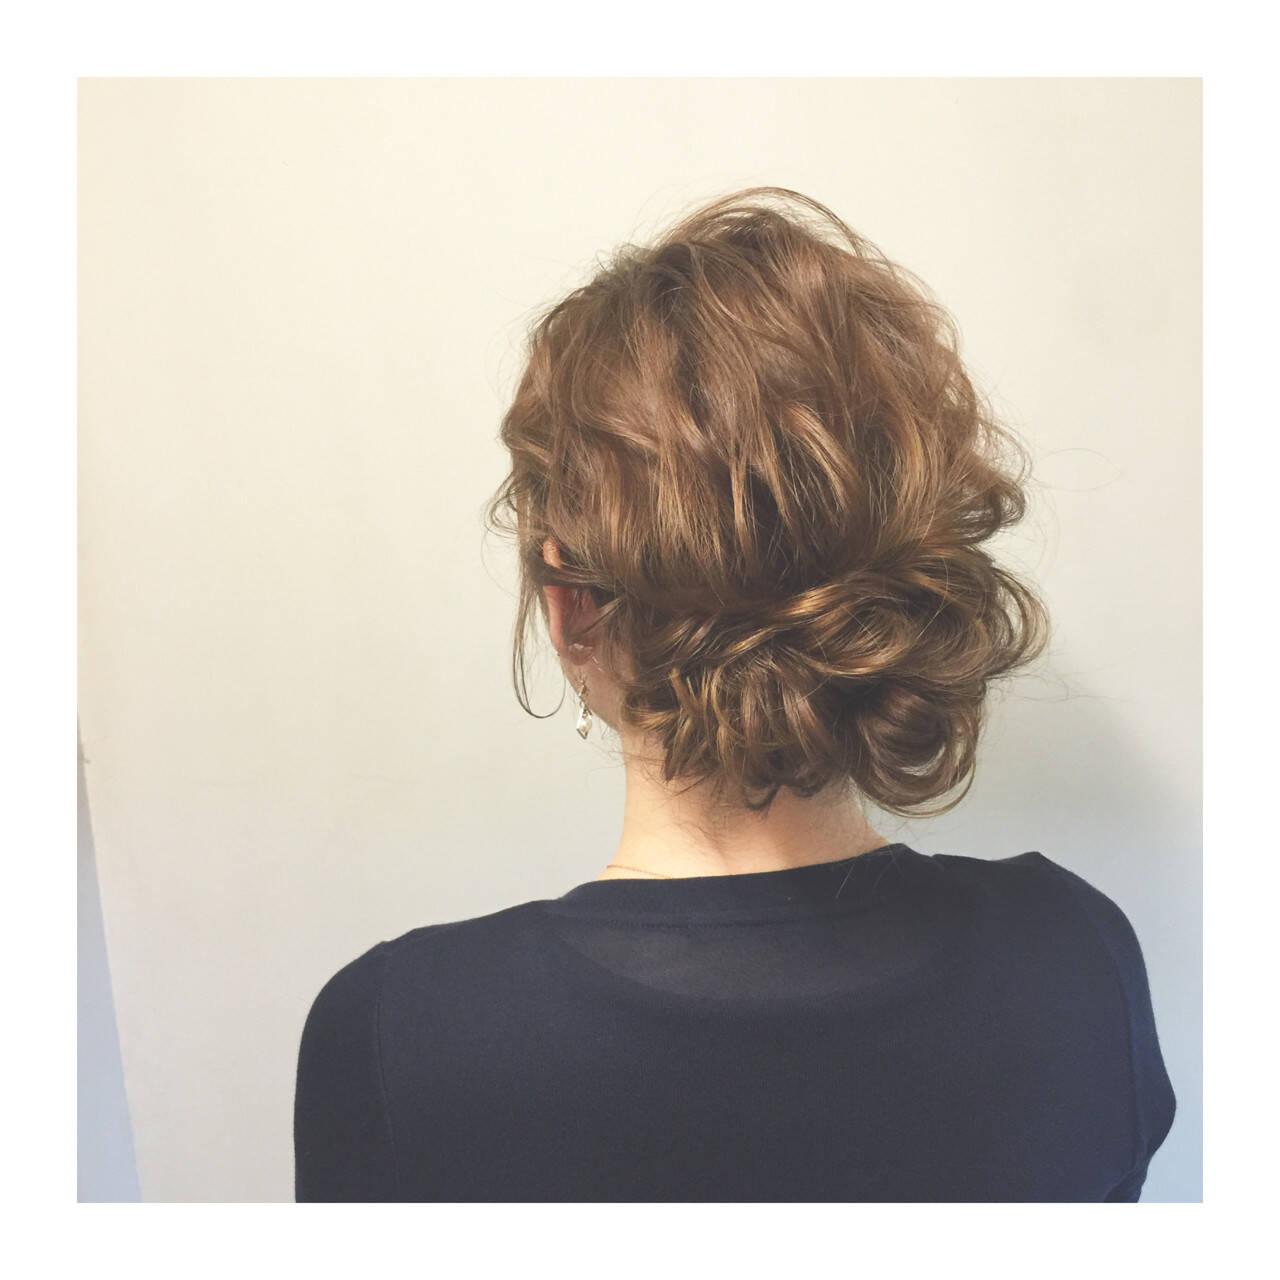 セミロング 暗髪 ショート 夏ヘアスタイルや髪型の写真・画像